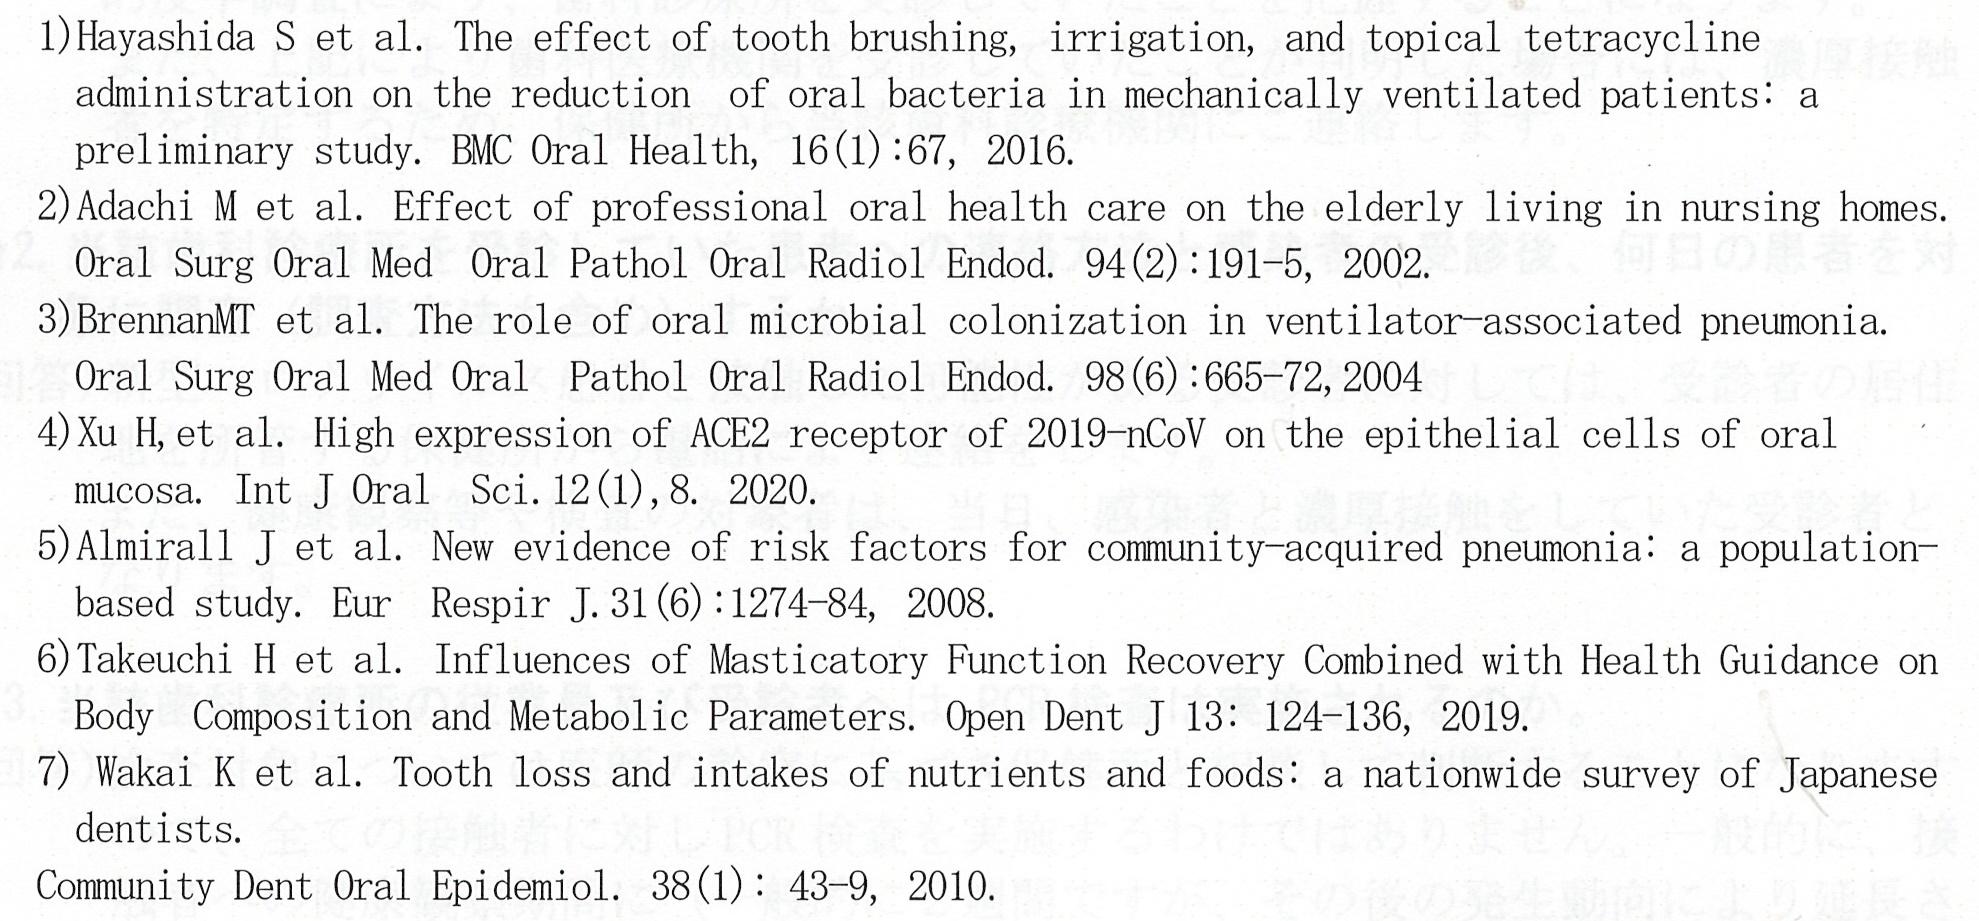 文献:歯科医療機関における新型コロナウイルス感染症への対応指針